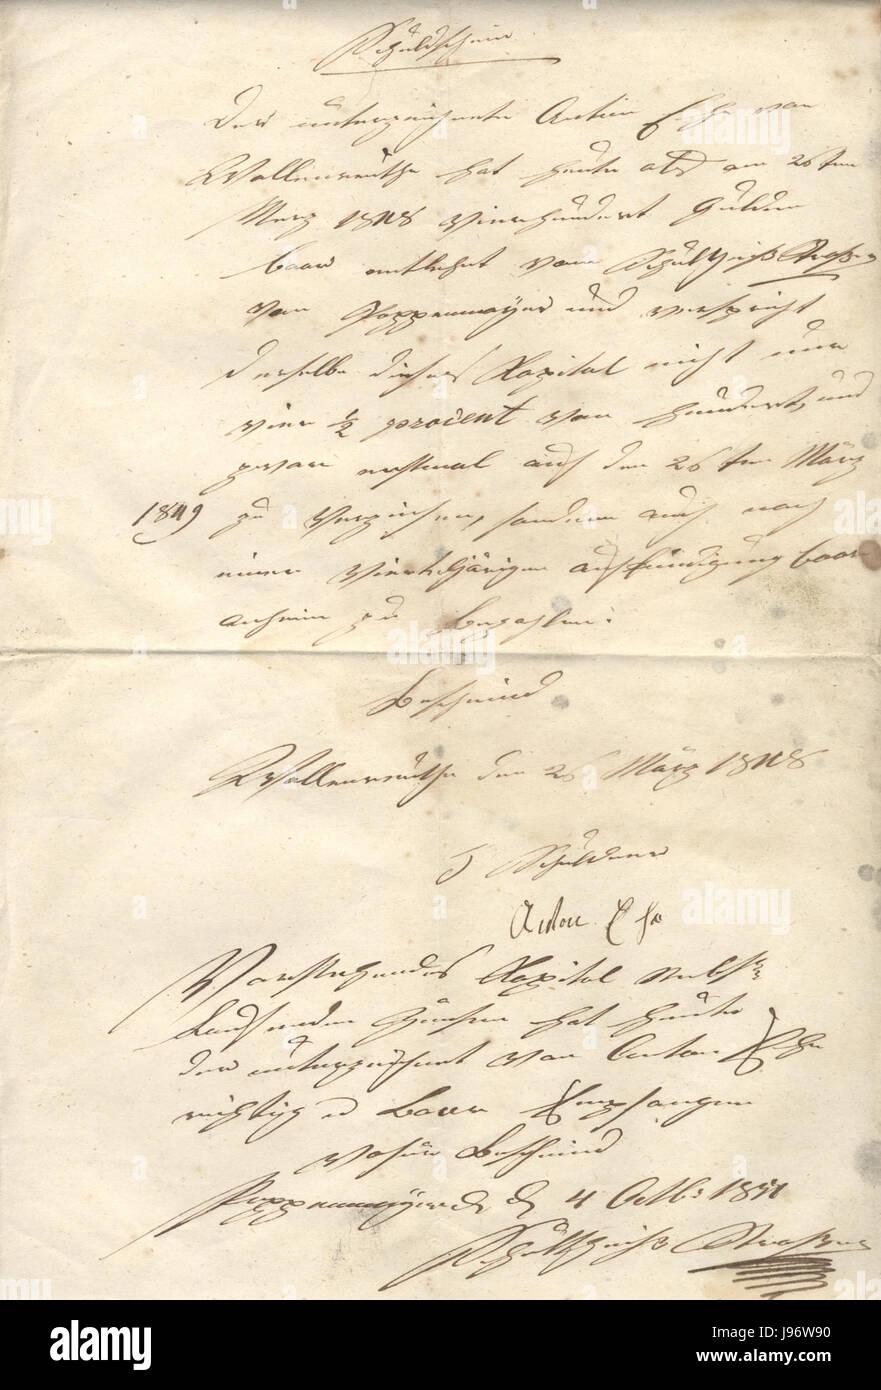 Schuldschein Wallenreute 1848 Stock Photo